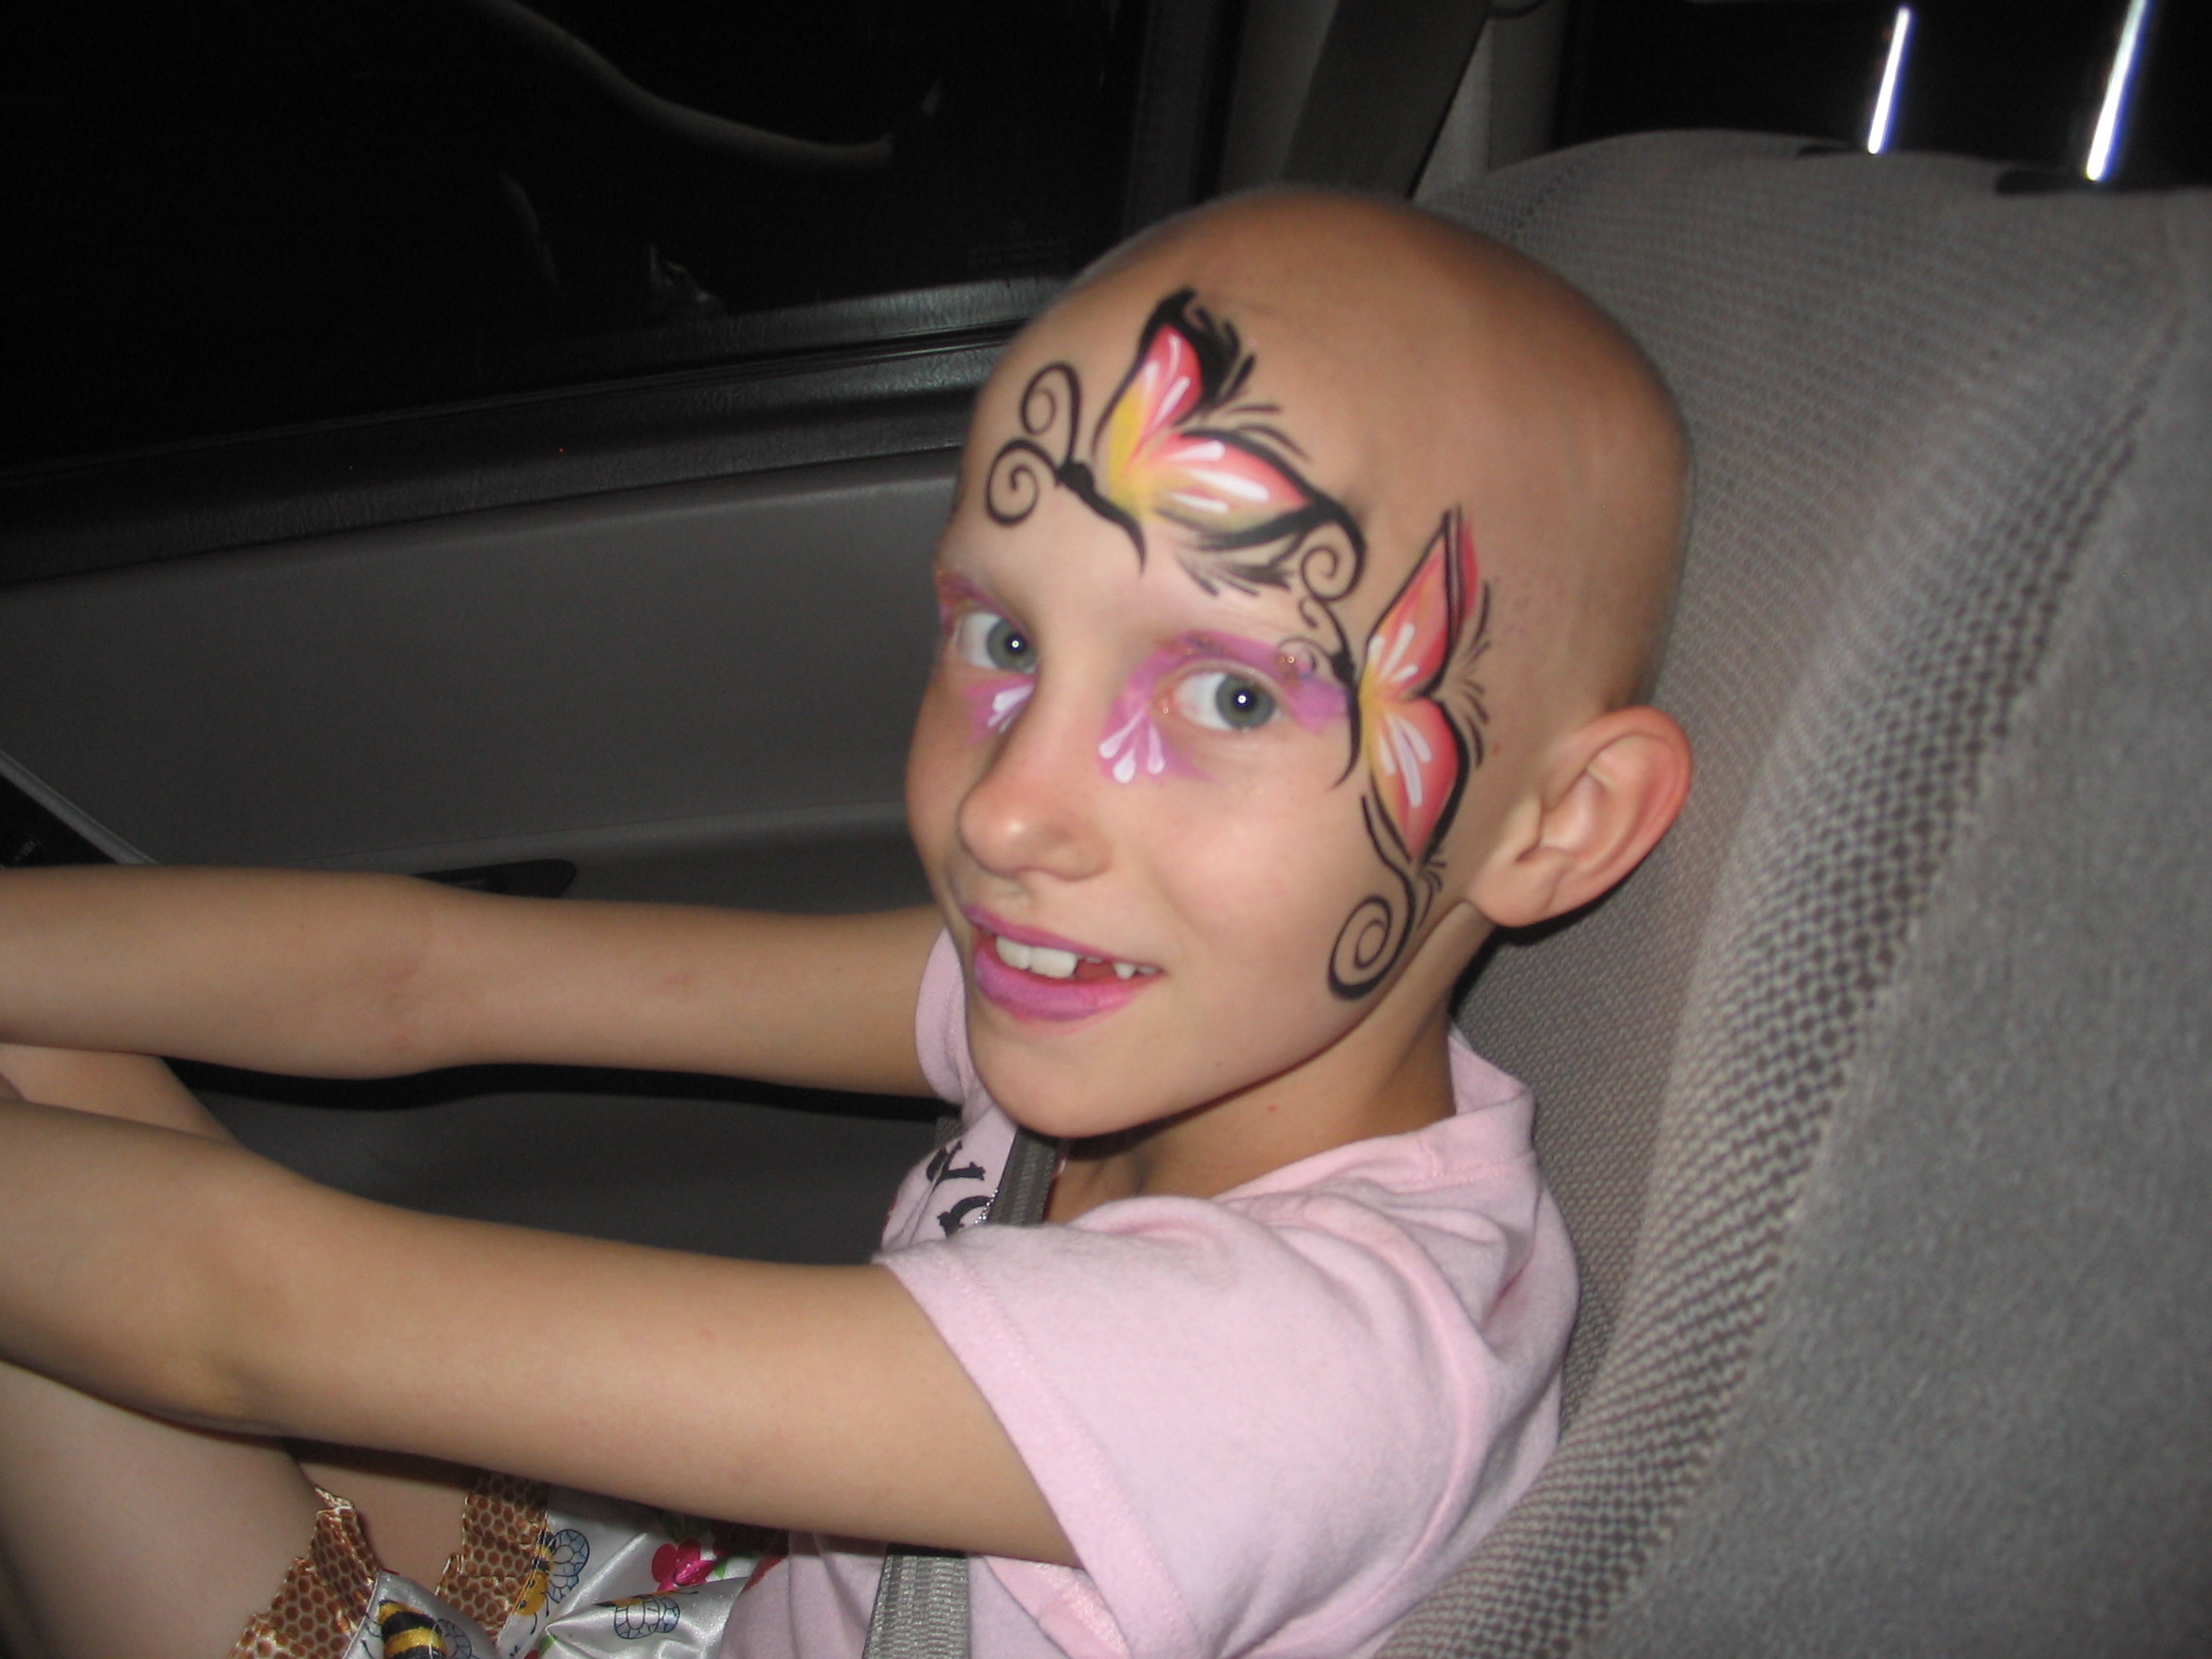 July 5, 2009 - Amy